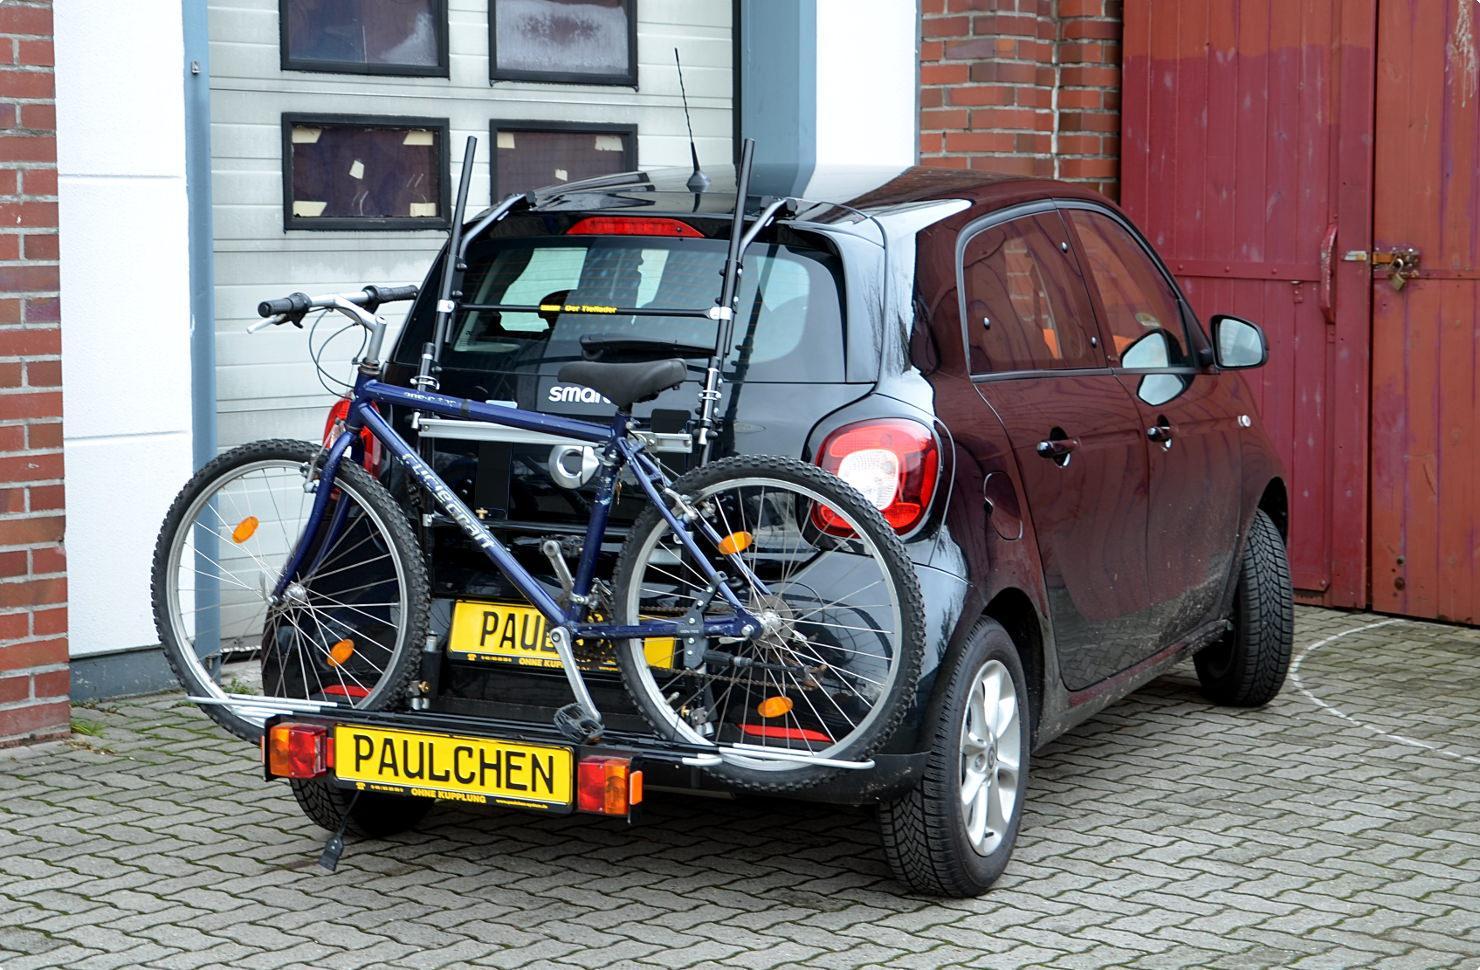 Bike Rack For Smart Forfour 453 Paulchen Hecktrager System